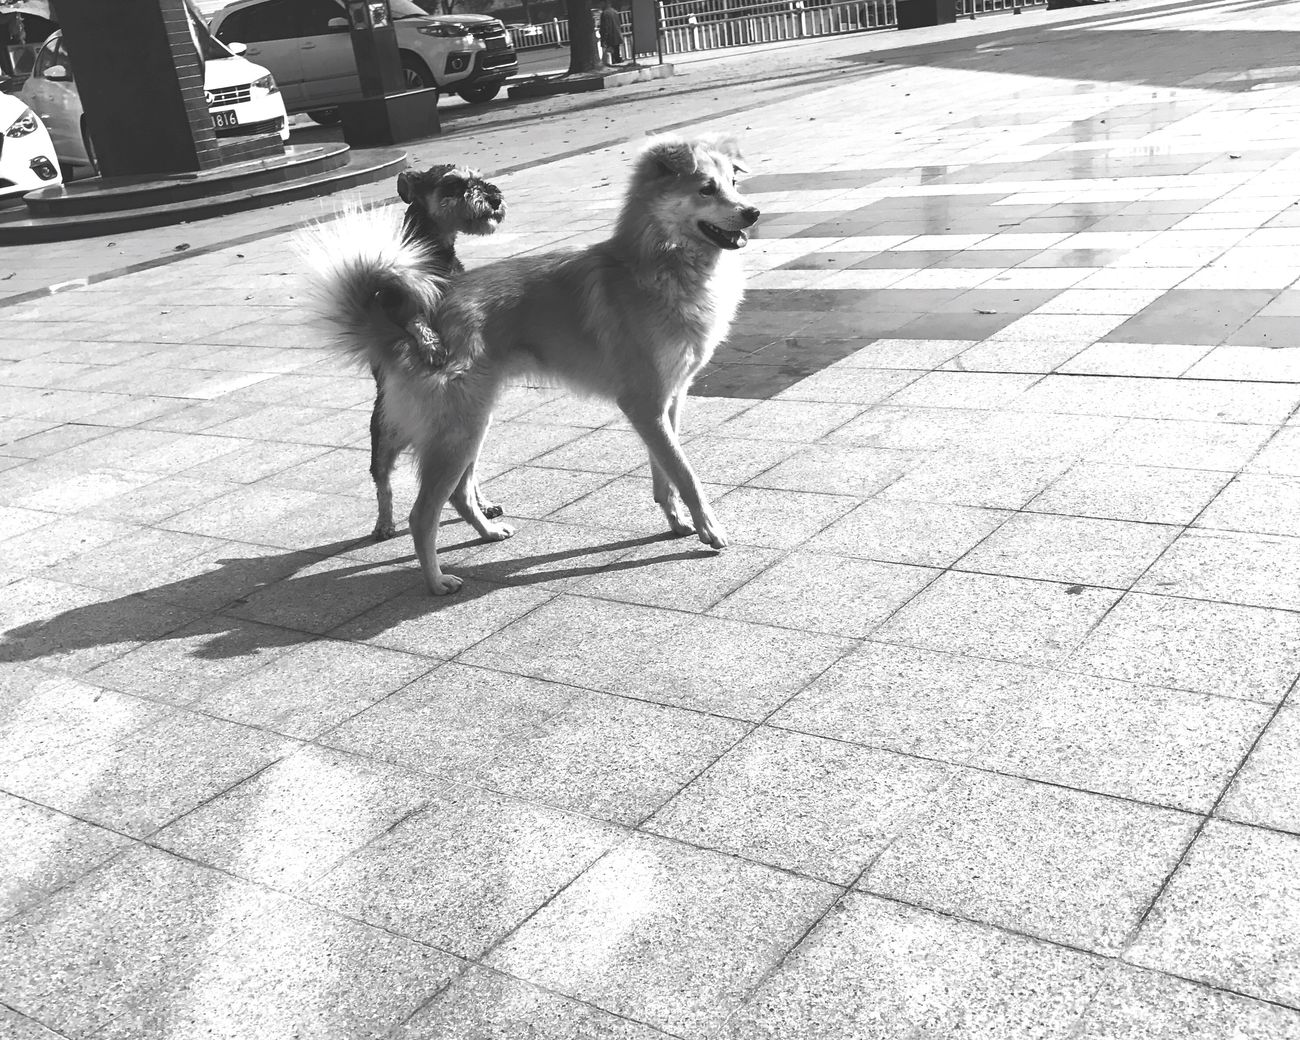 Dog Animal Themes